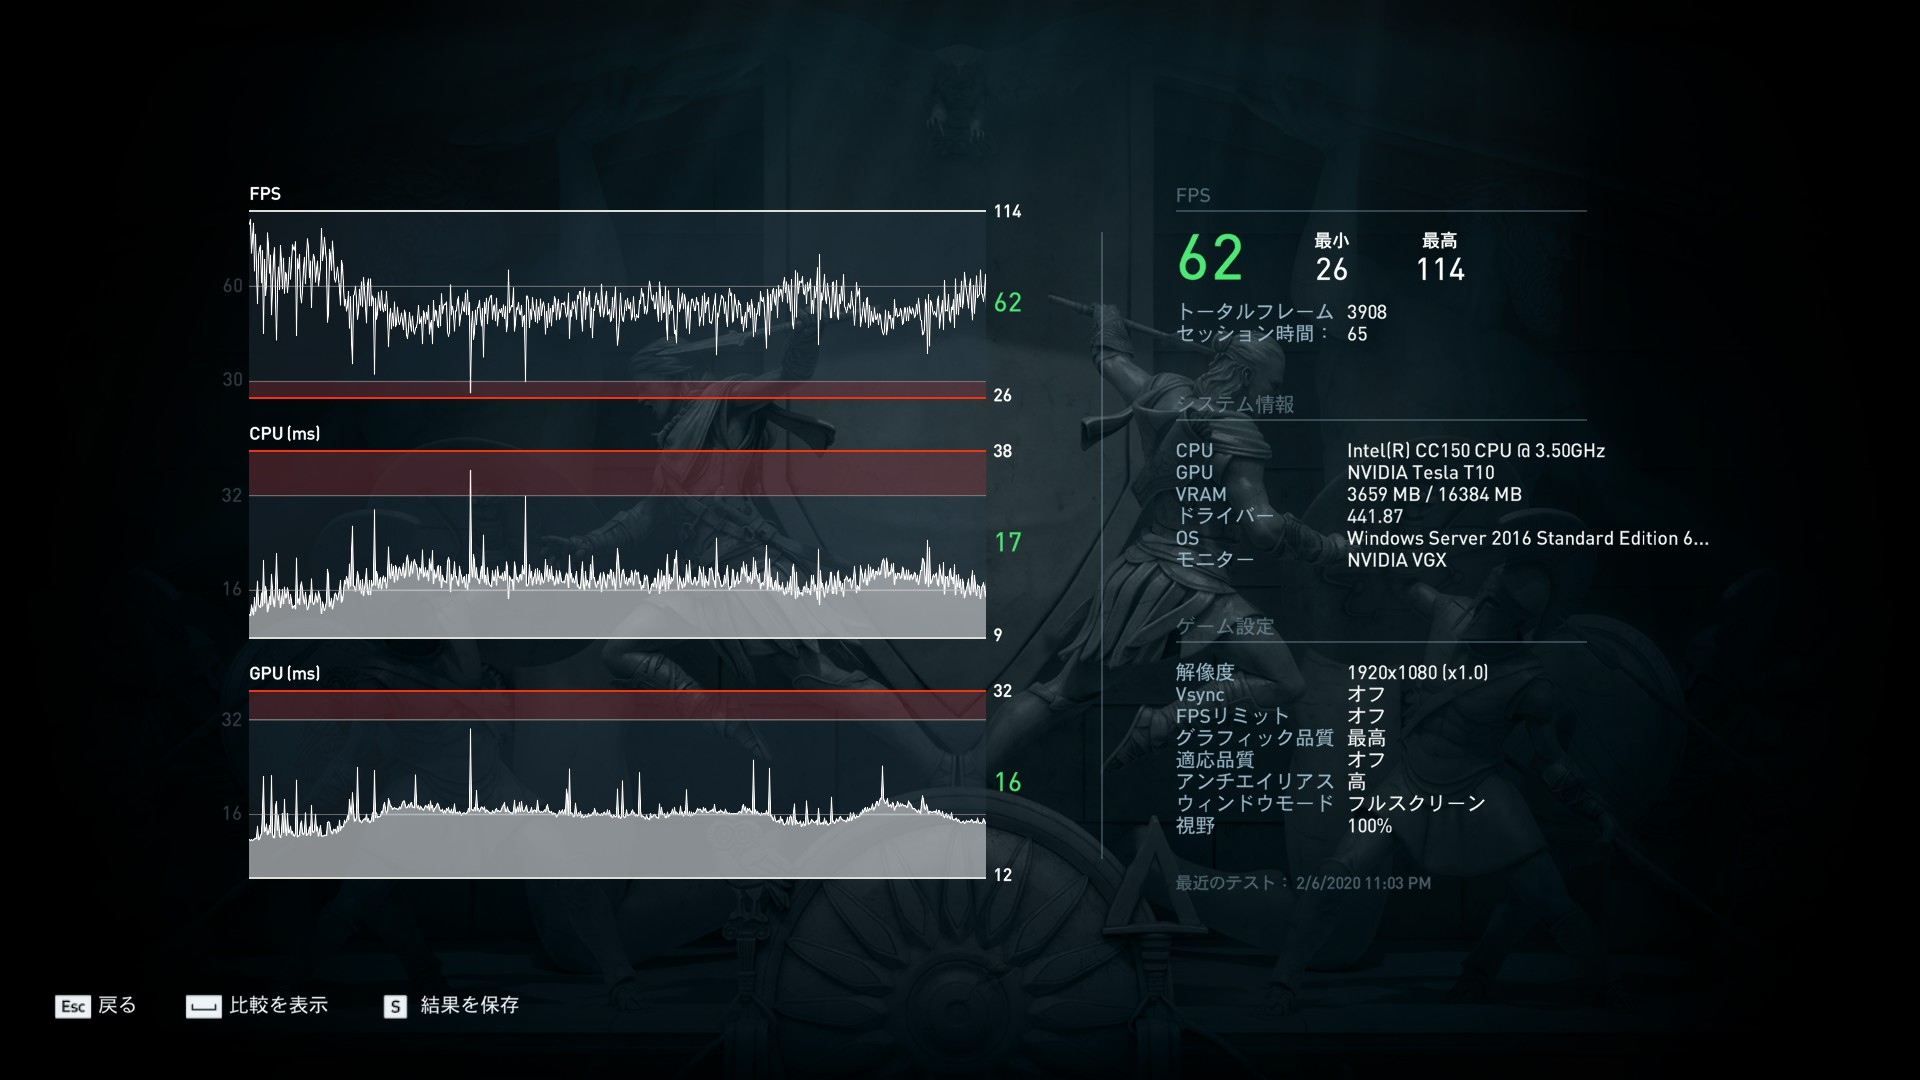 アサクリオデッセイのベンチマークで見るGeForceNow仮想PCのスペック